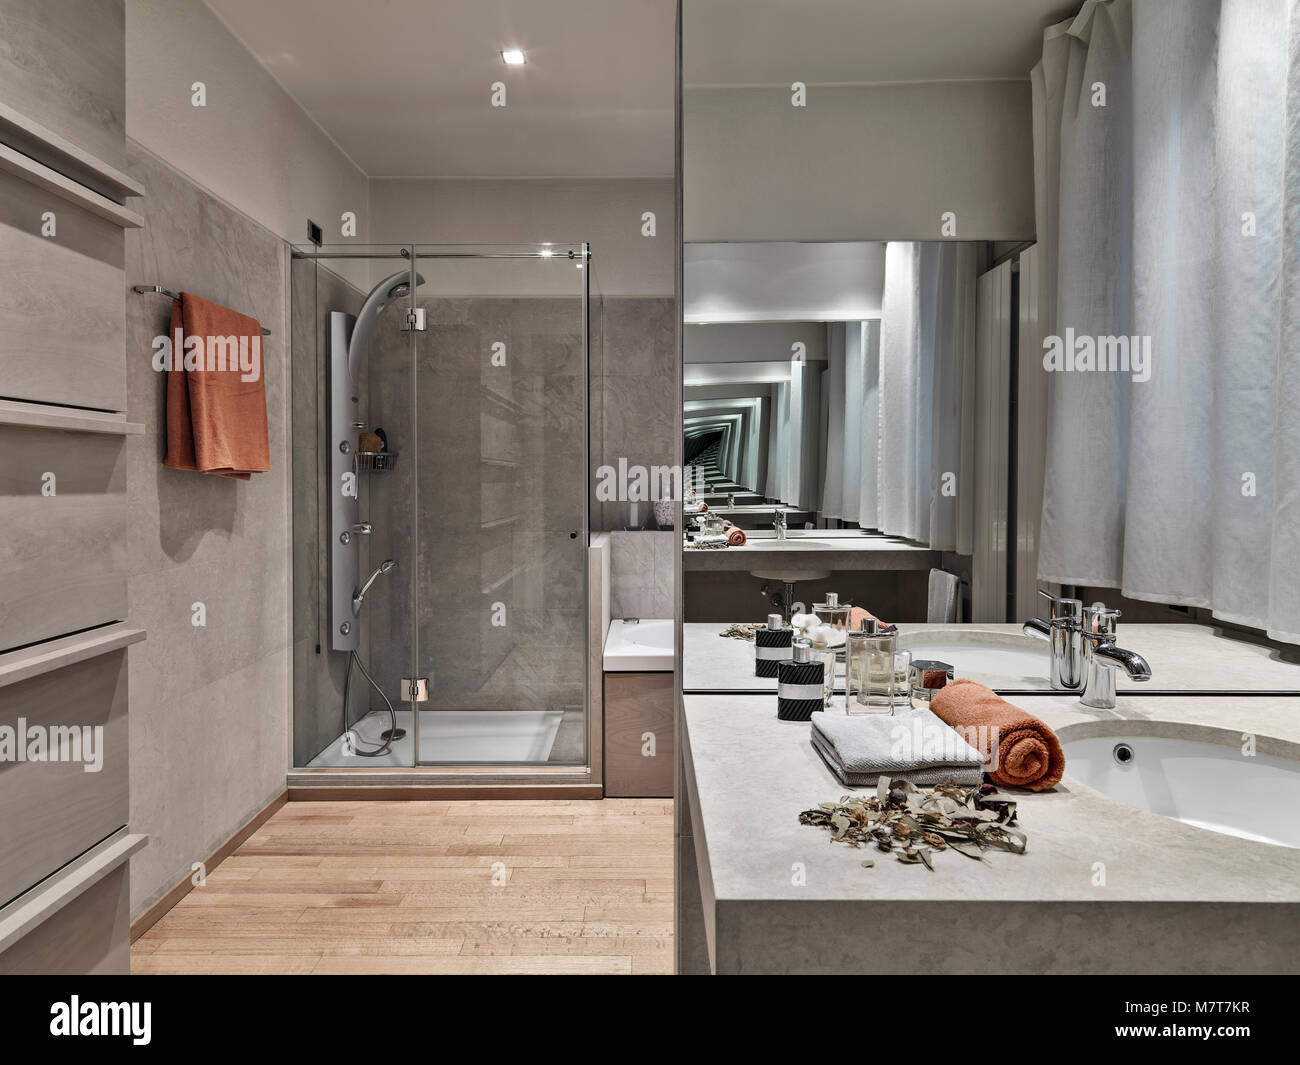 Fotografías de interiores de un cuarto de baño moderno en ...